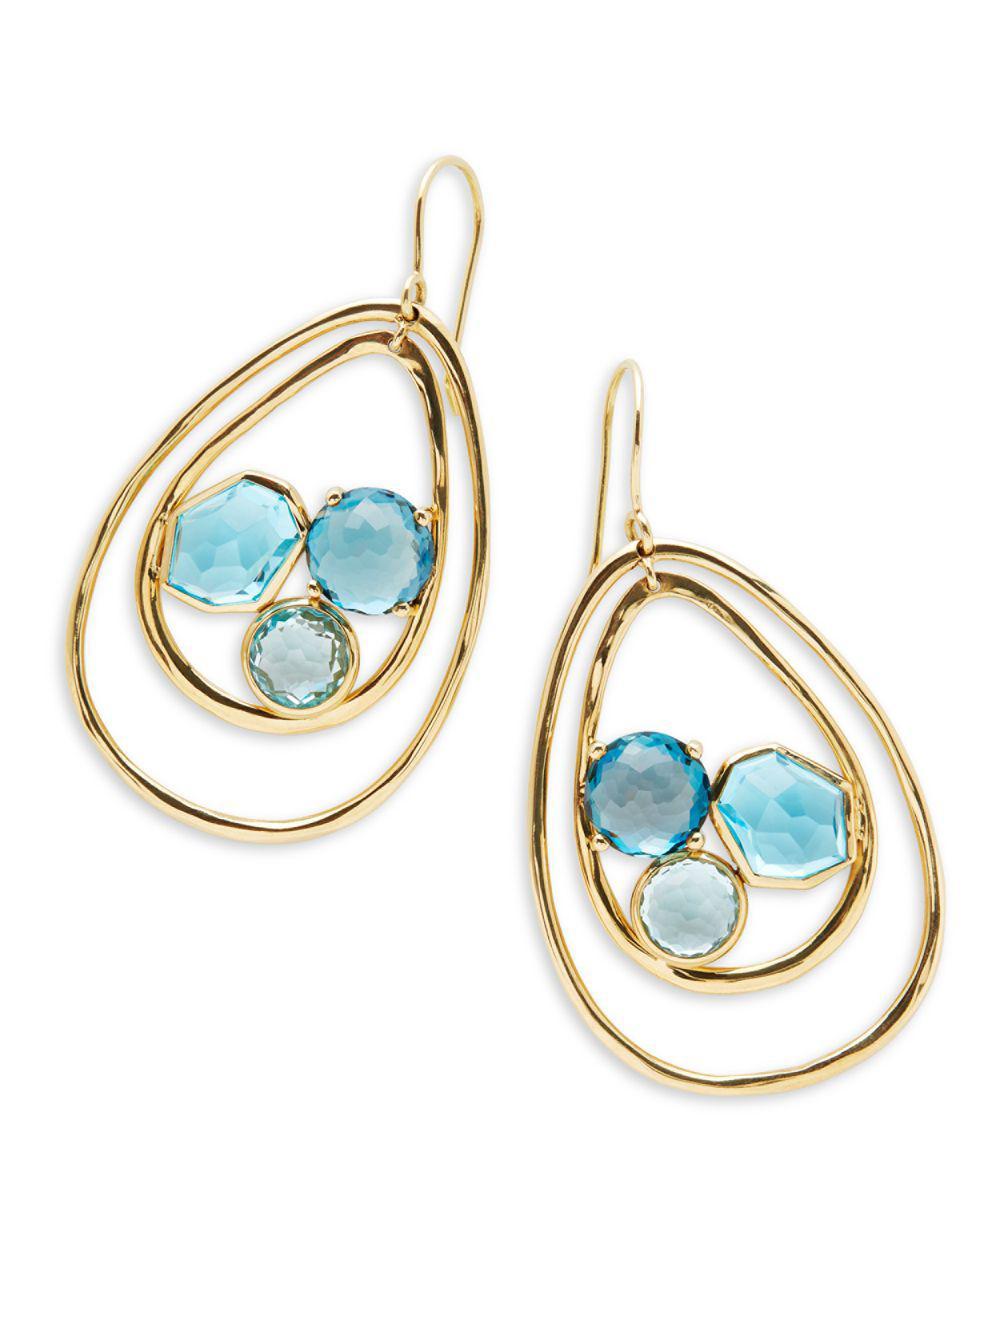 Ippolita 18K Rock Candy Tipped Oval Wire Earrings in London Blue Topaz ghTaf5U